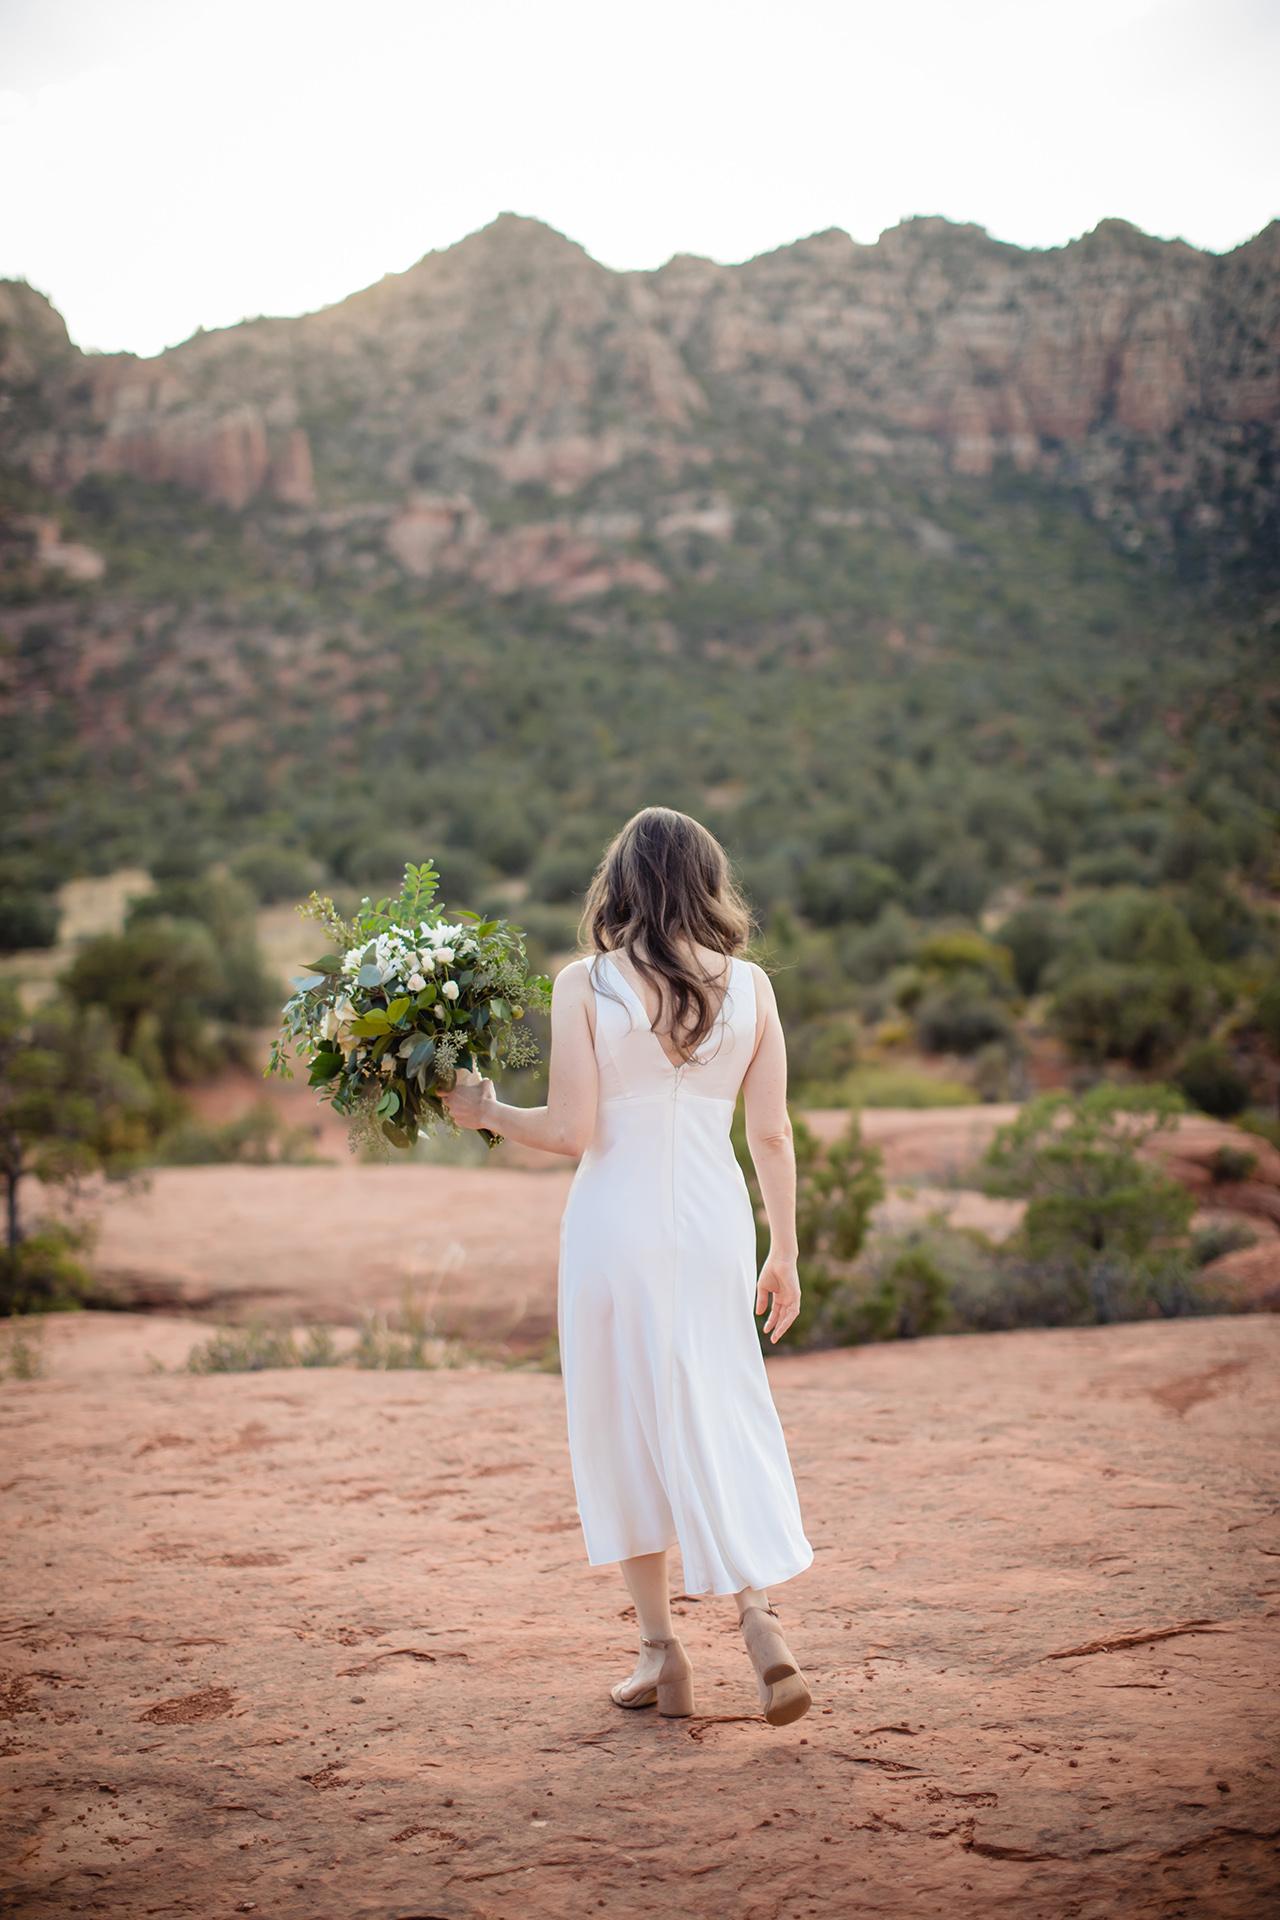 Hochzeitsfotografie für Sedona, AZ | Die beeindruckenden roten Felsen definieren die Wüstenlandschaft um sie herum